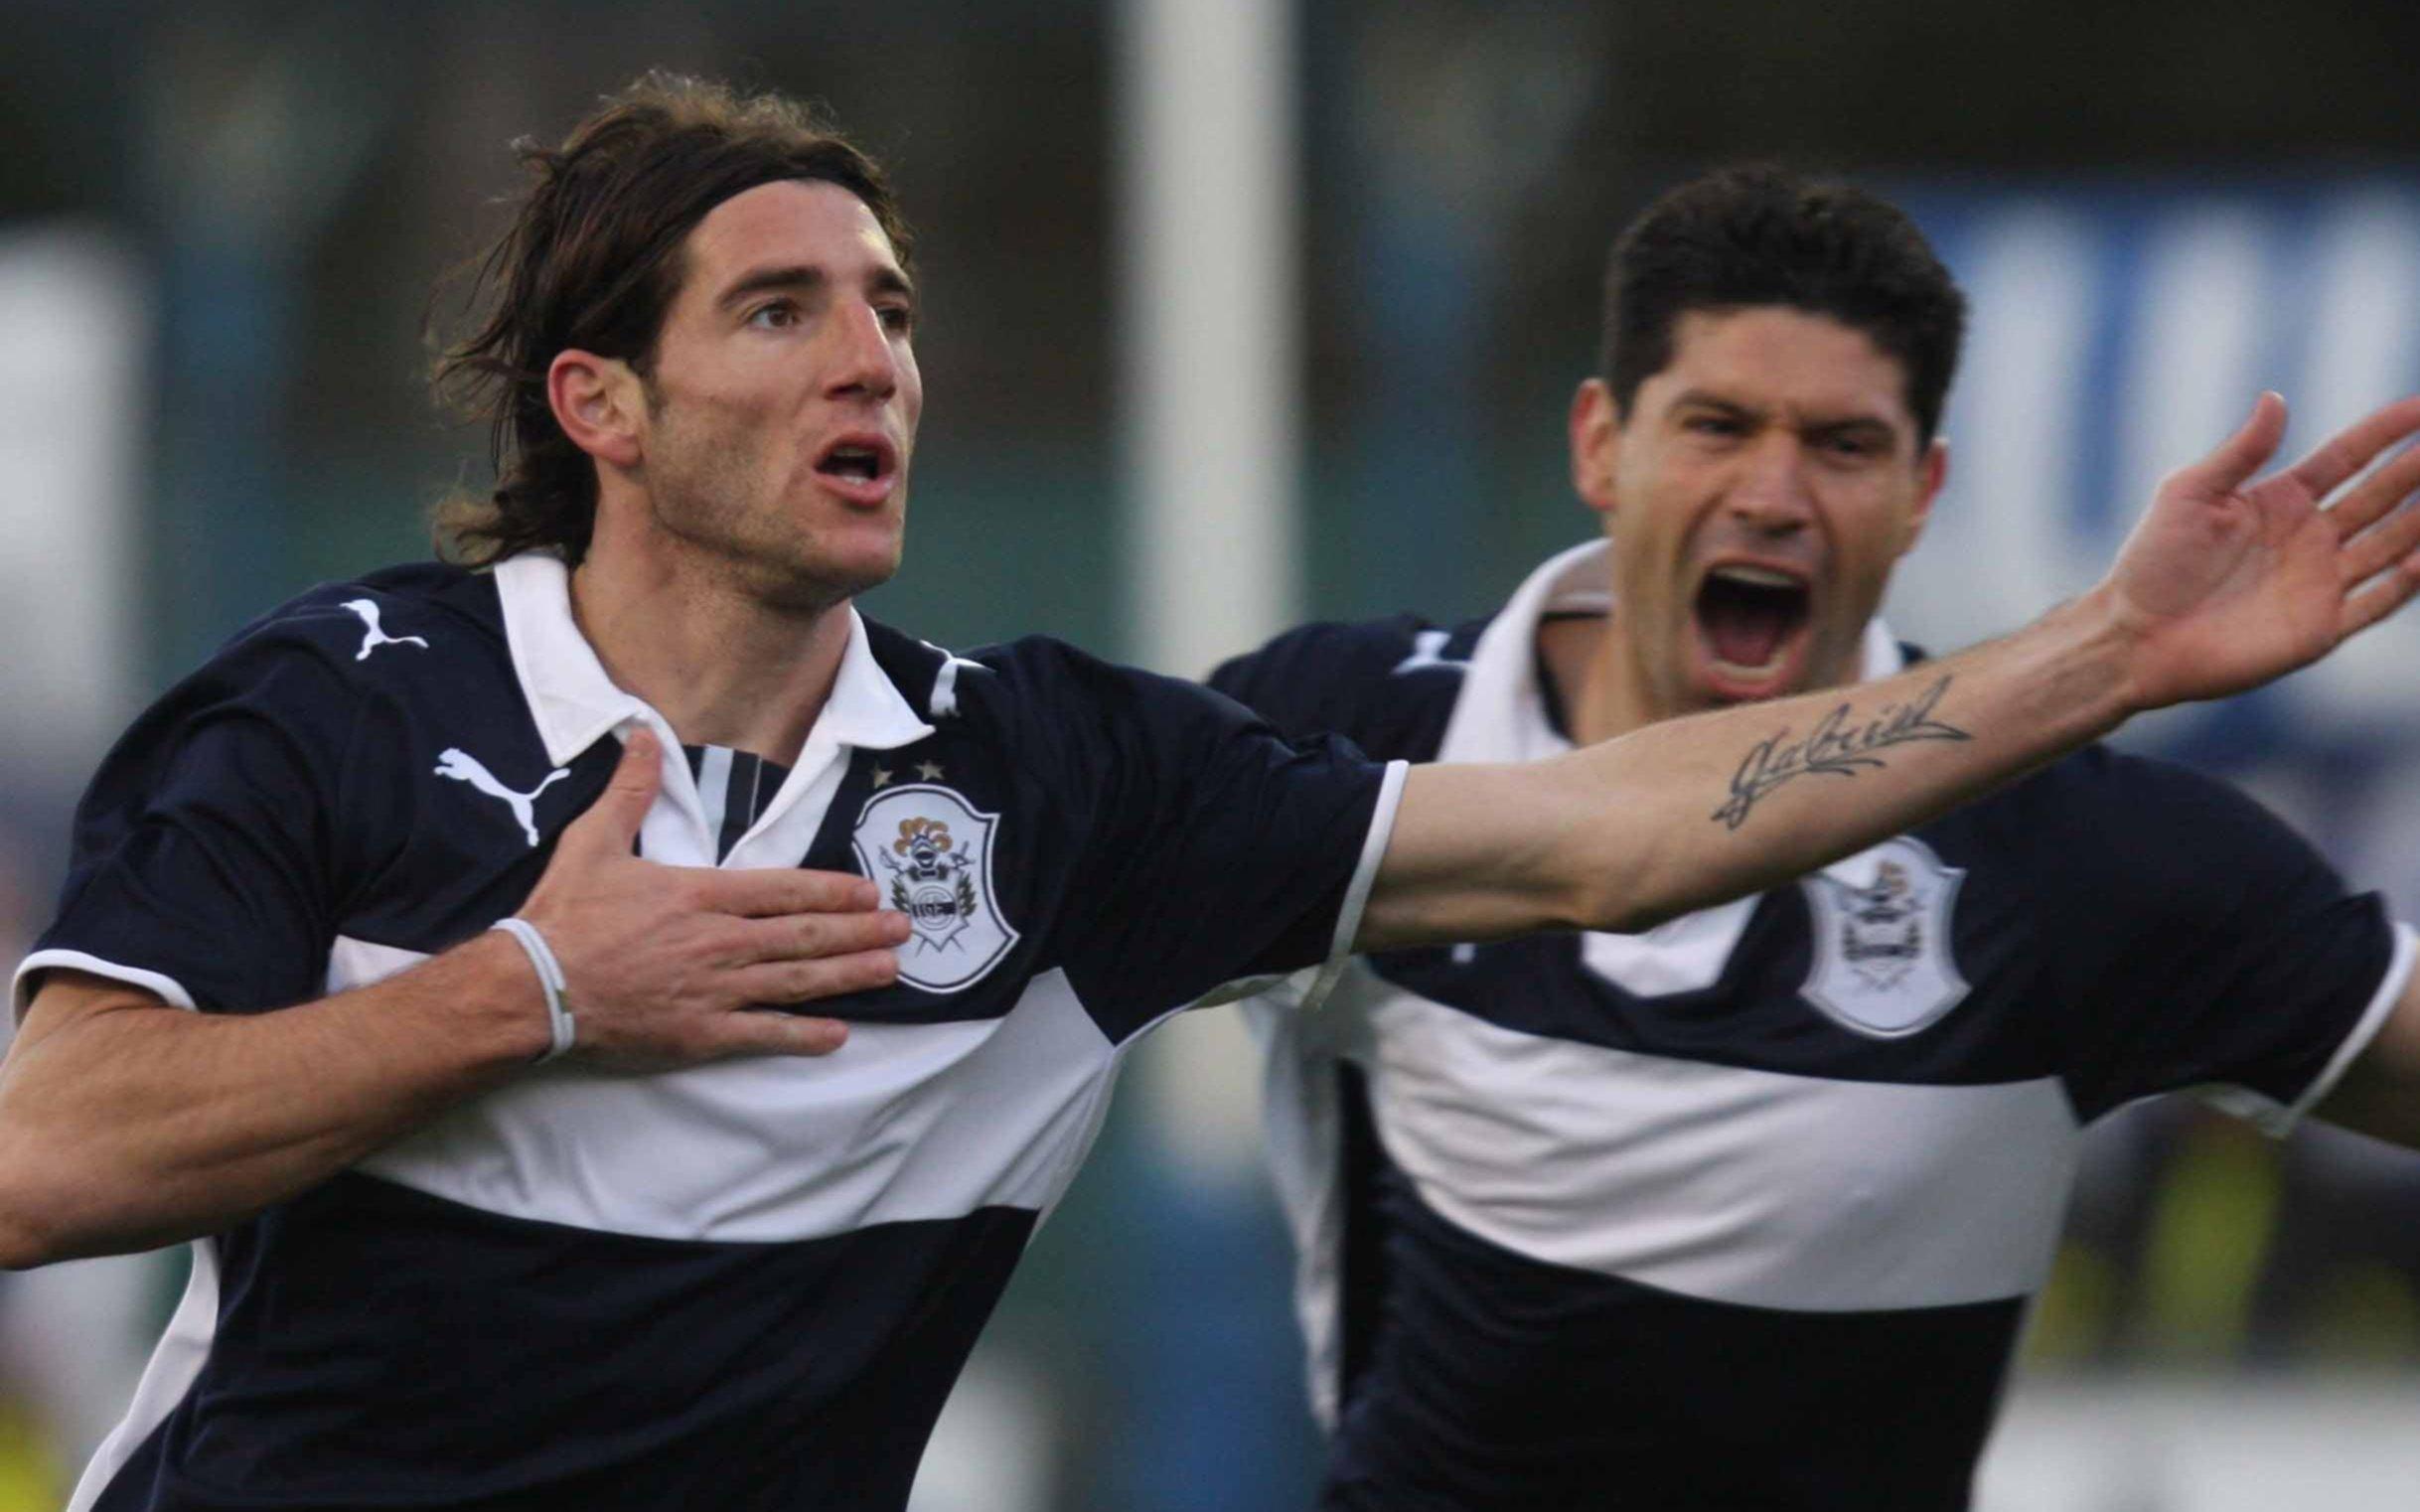 Un ex jugador de Gimnasia es el argentino mejor pago de la MLS, lista que lidera Ibrahimovic